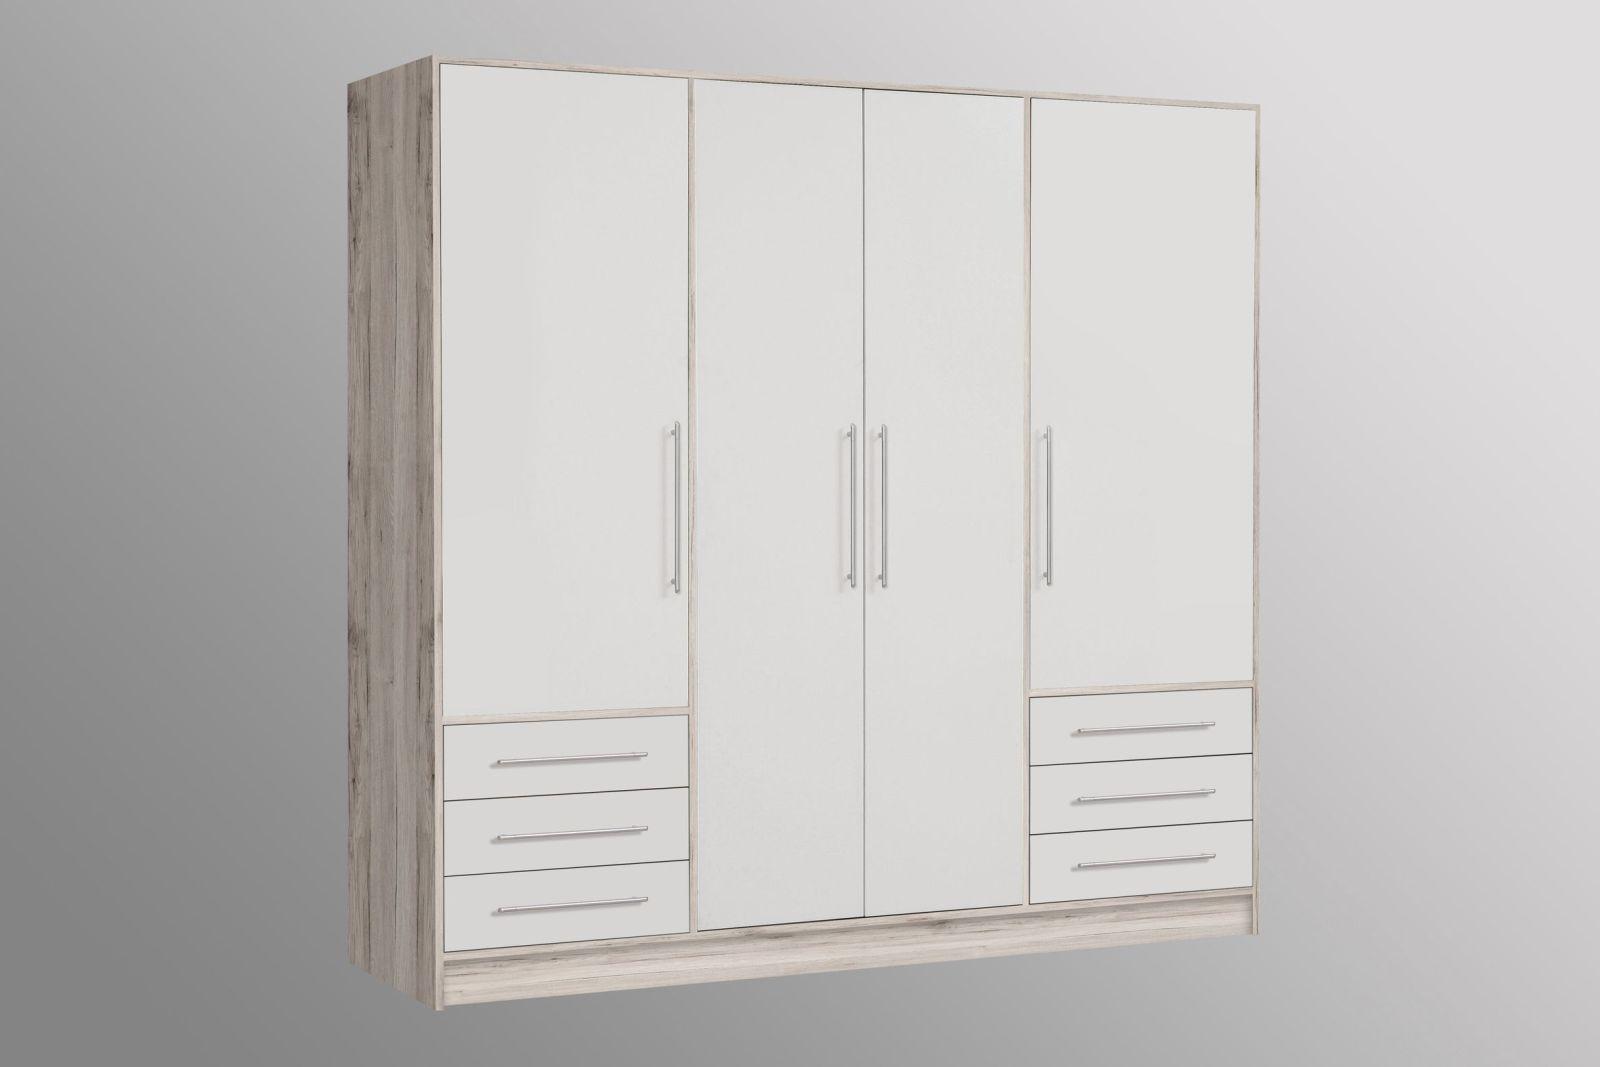 kleiderschrank jupiter kleiderschr nke schlafzimmer sortiment pack zu m bel sb und. Black Bedroom Furniture Sets. Home Design Ideas